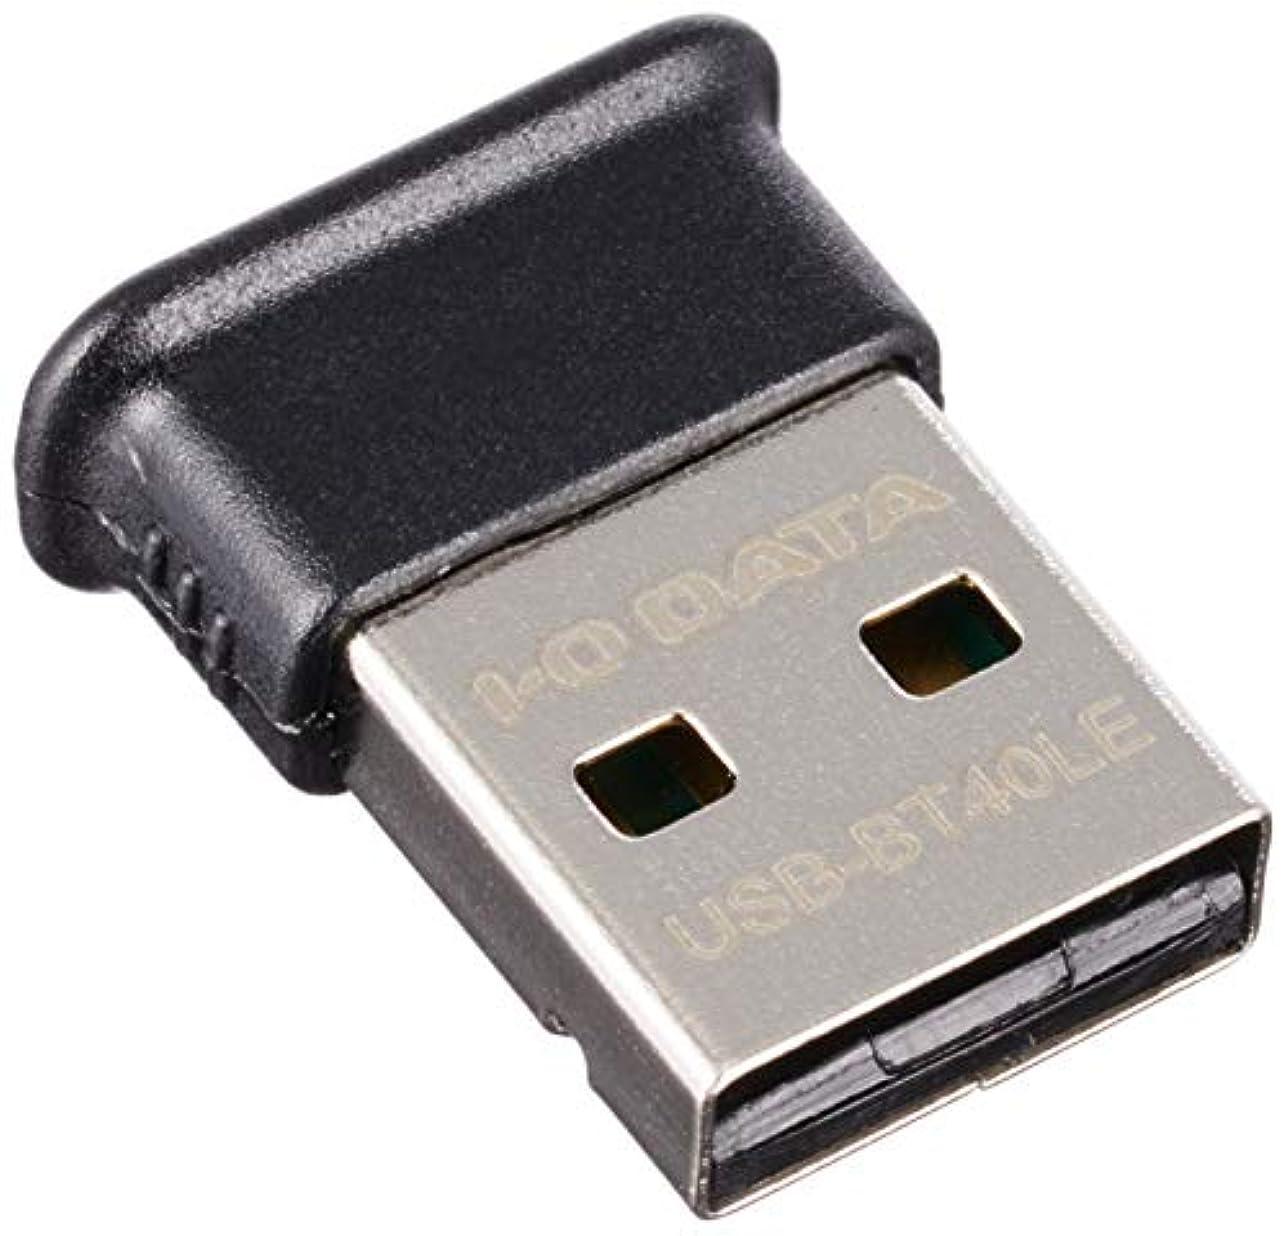 好奇心盛カメレンドI-O DATA Bluetoothアダプター Class 2対応 4.0+EDR/LE対応 USBアダプター USB-BT40LE